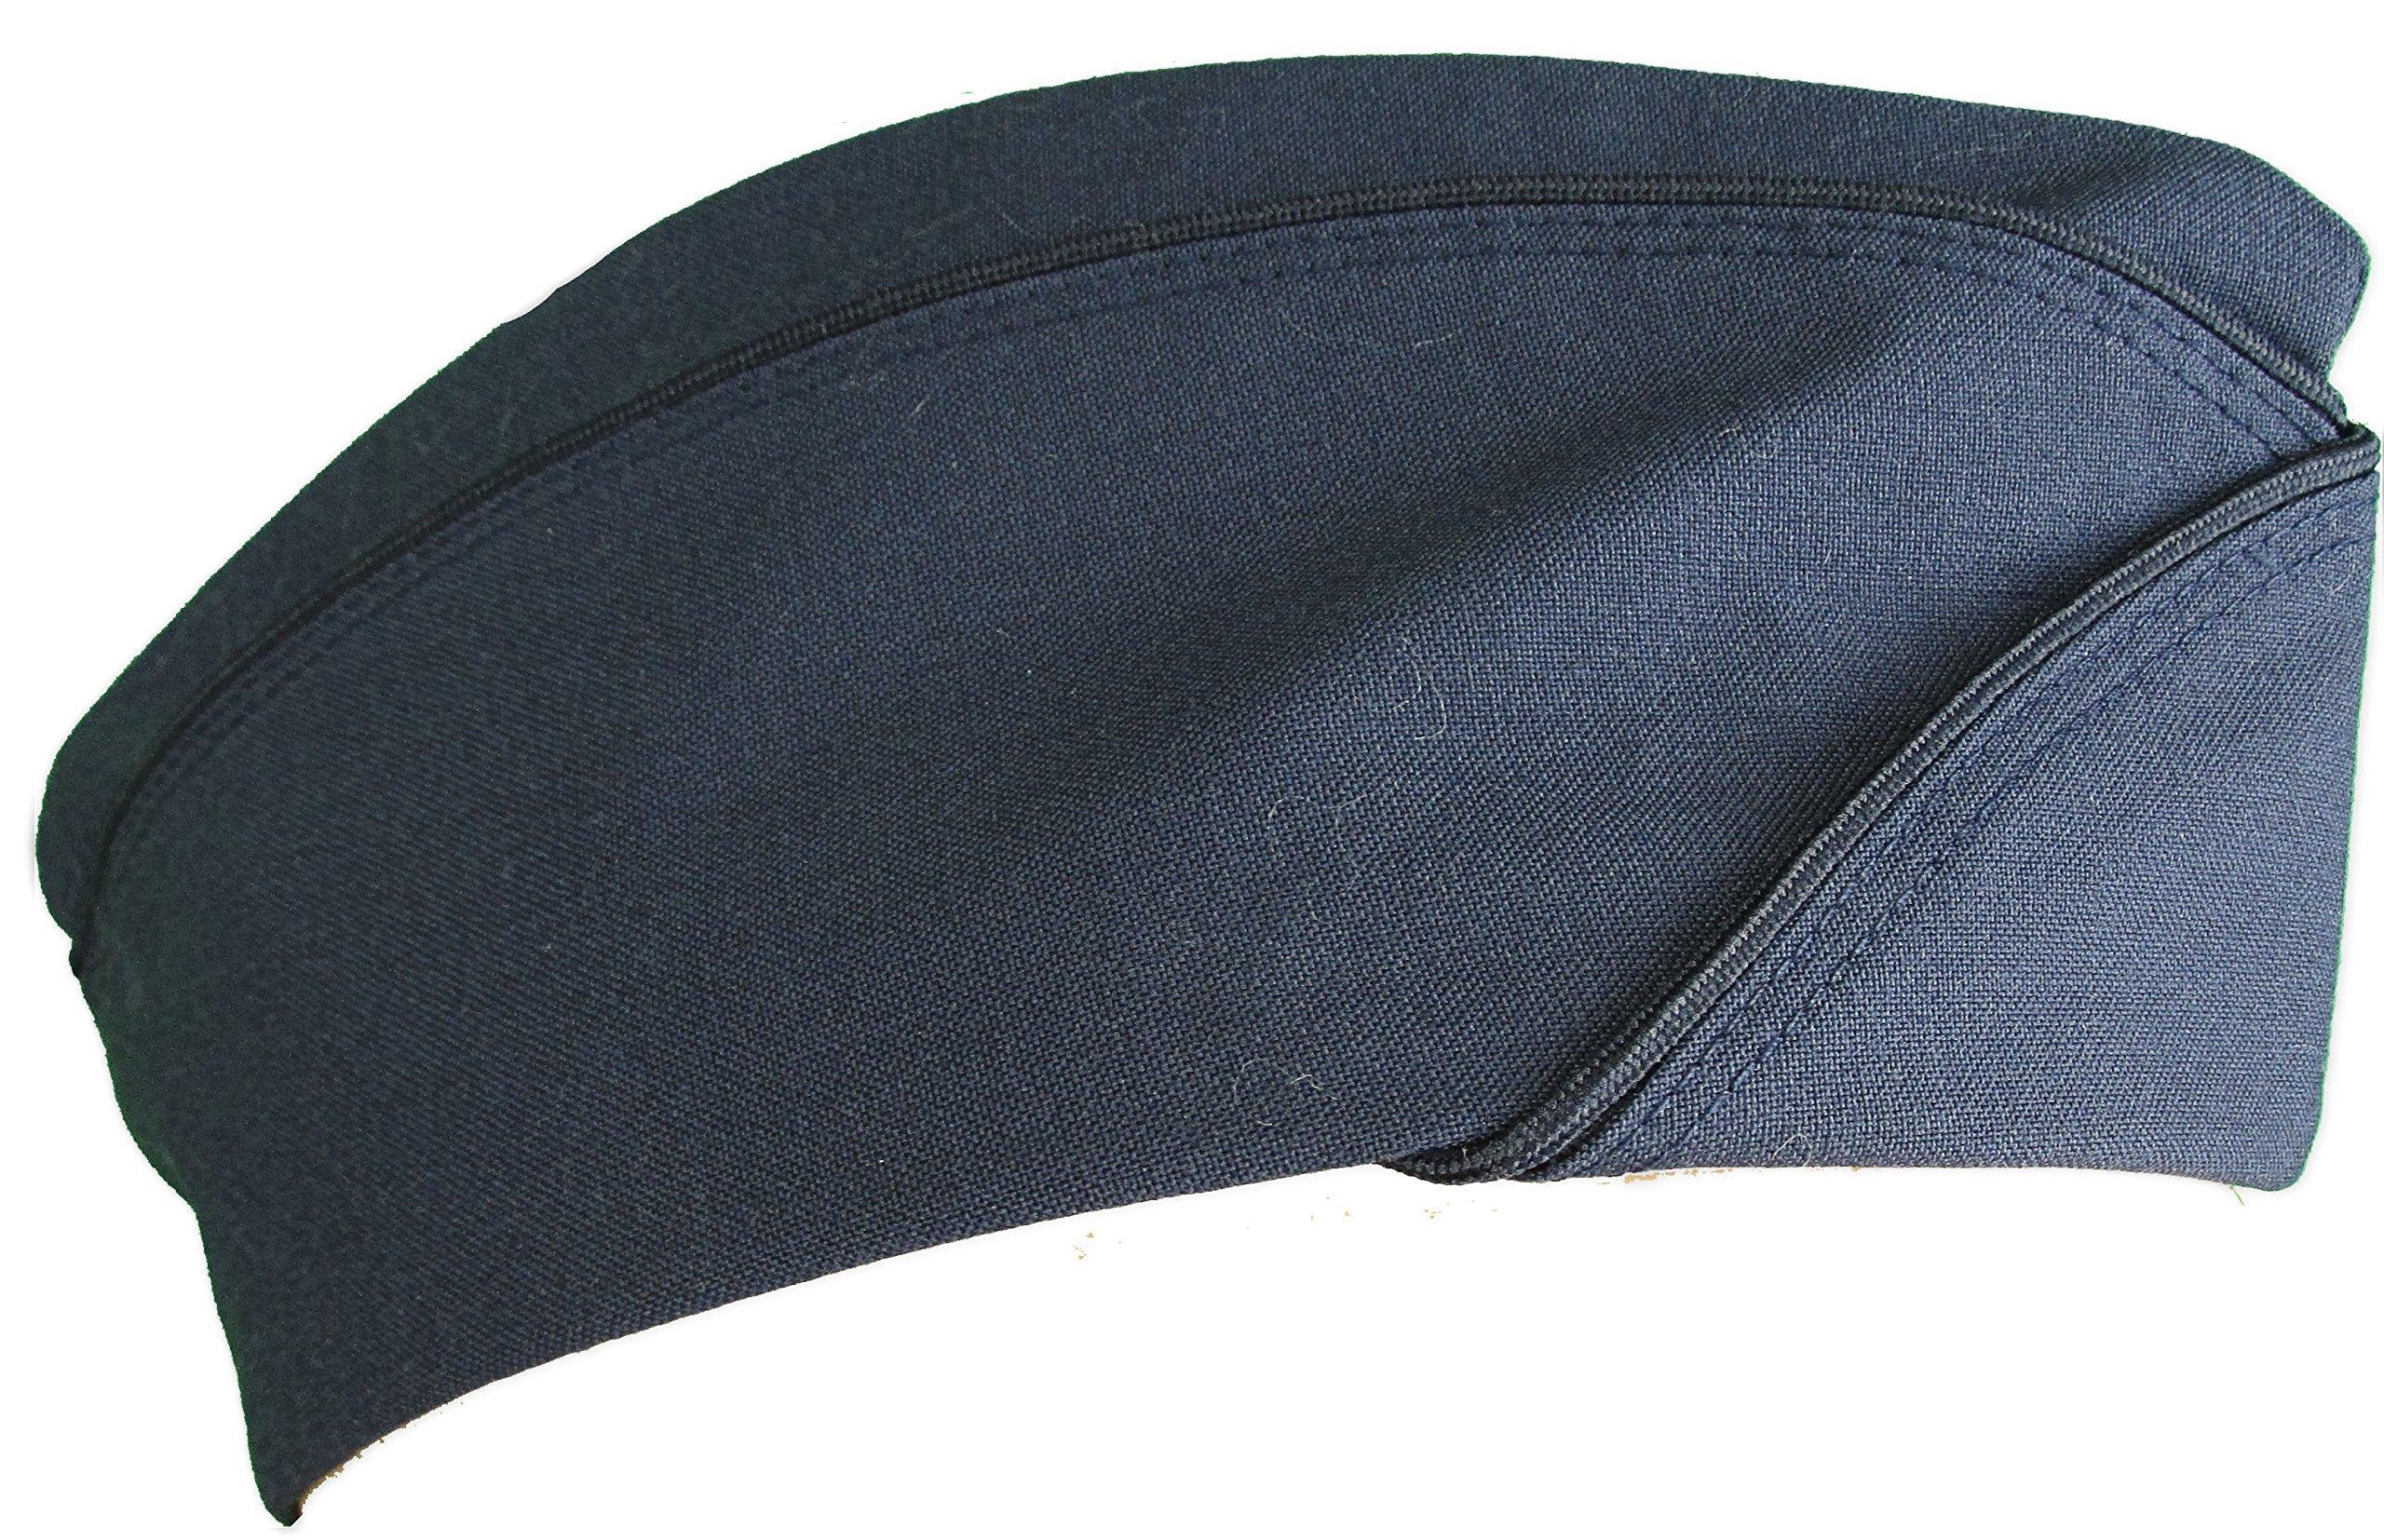 Genuine U.S. Air Force Garrison CAP (Flight Cap) - BLUE - SIZE 7